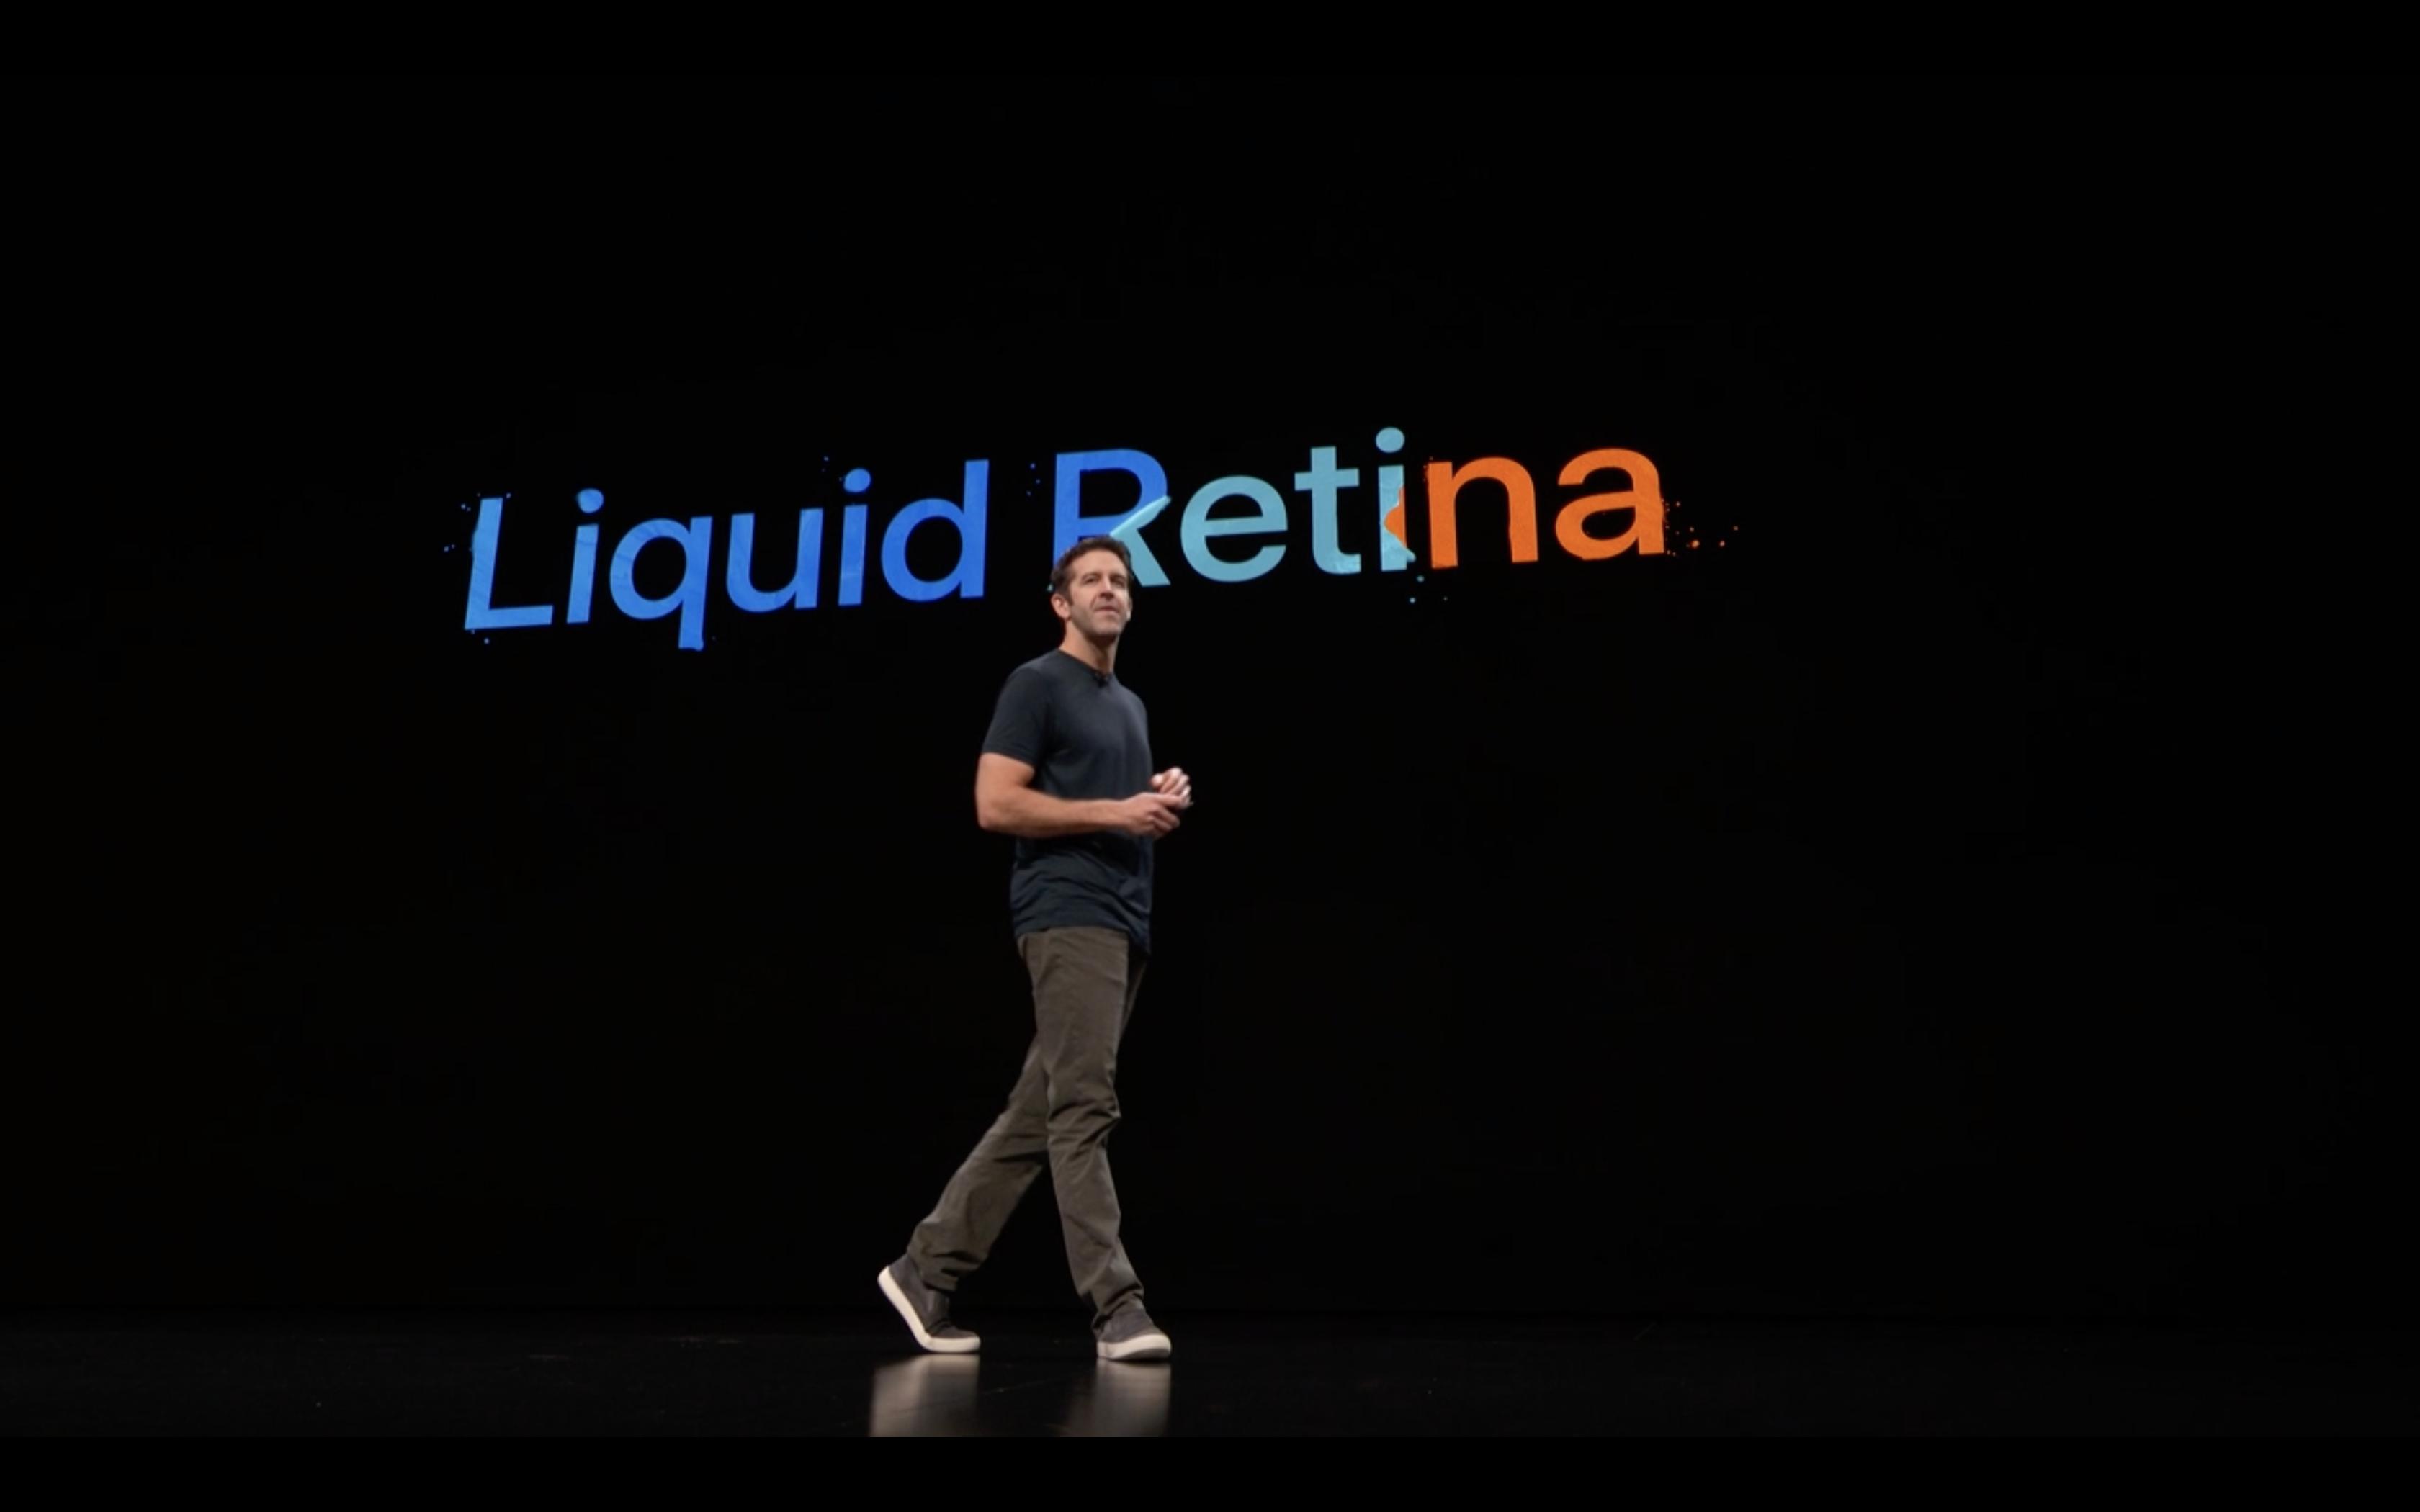 Apple Special Event - iPad - Liquid Retina